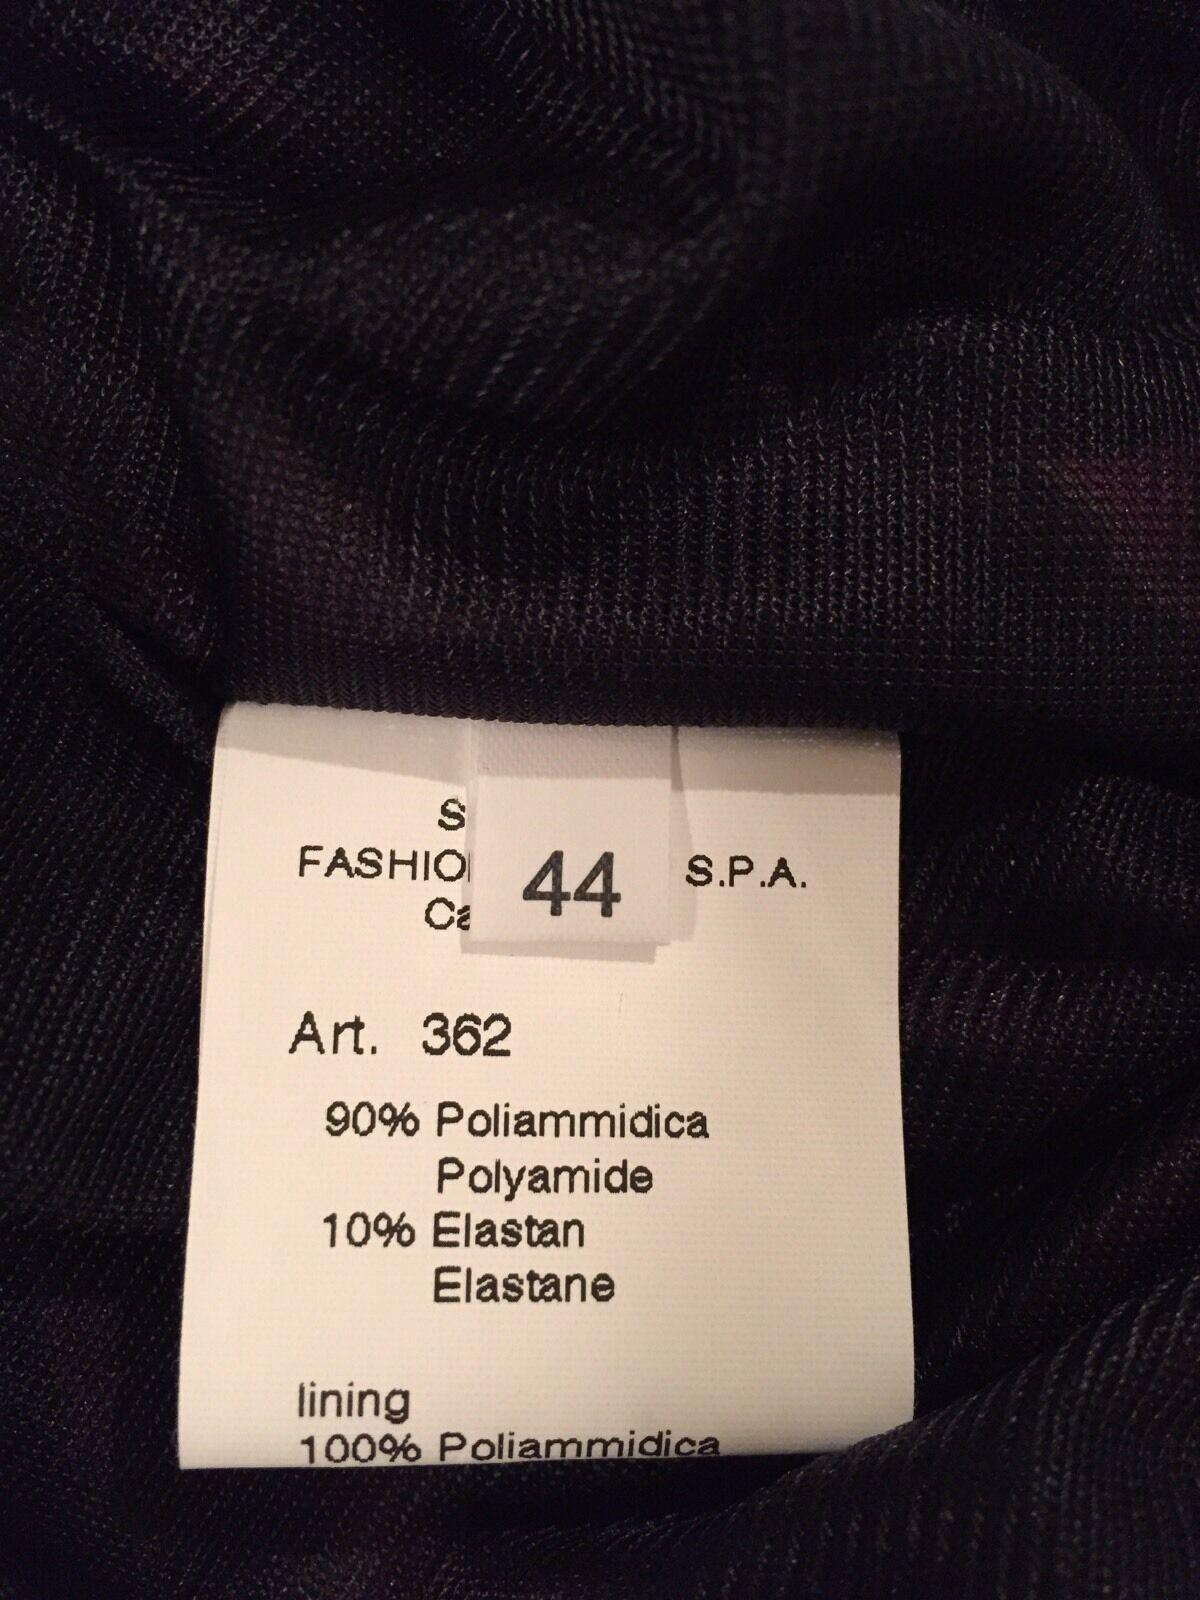 Luxus Kleid Kofferkleid Italien Gr. 36 38 neu neu neu  Party blogger jades Design b8491c